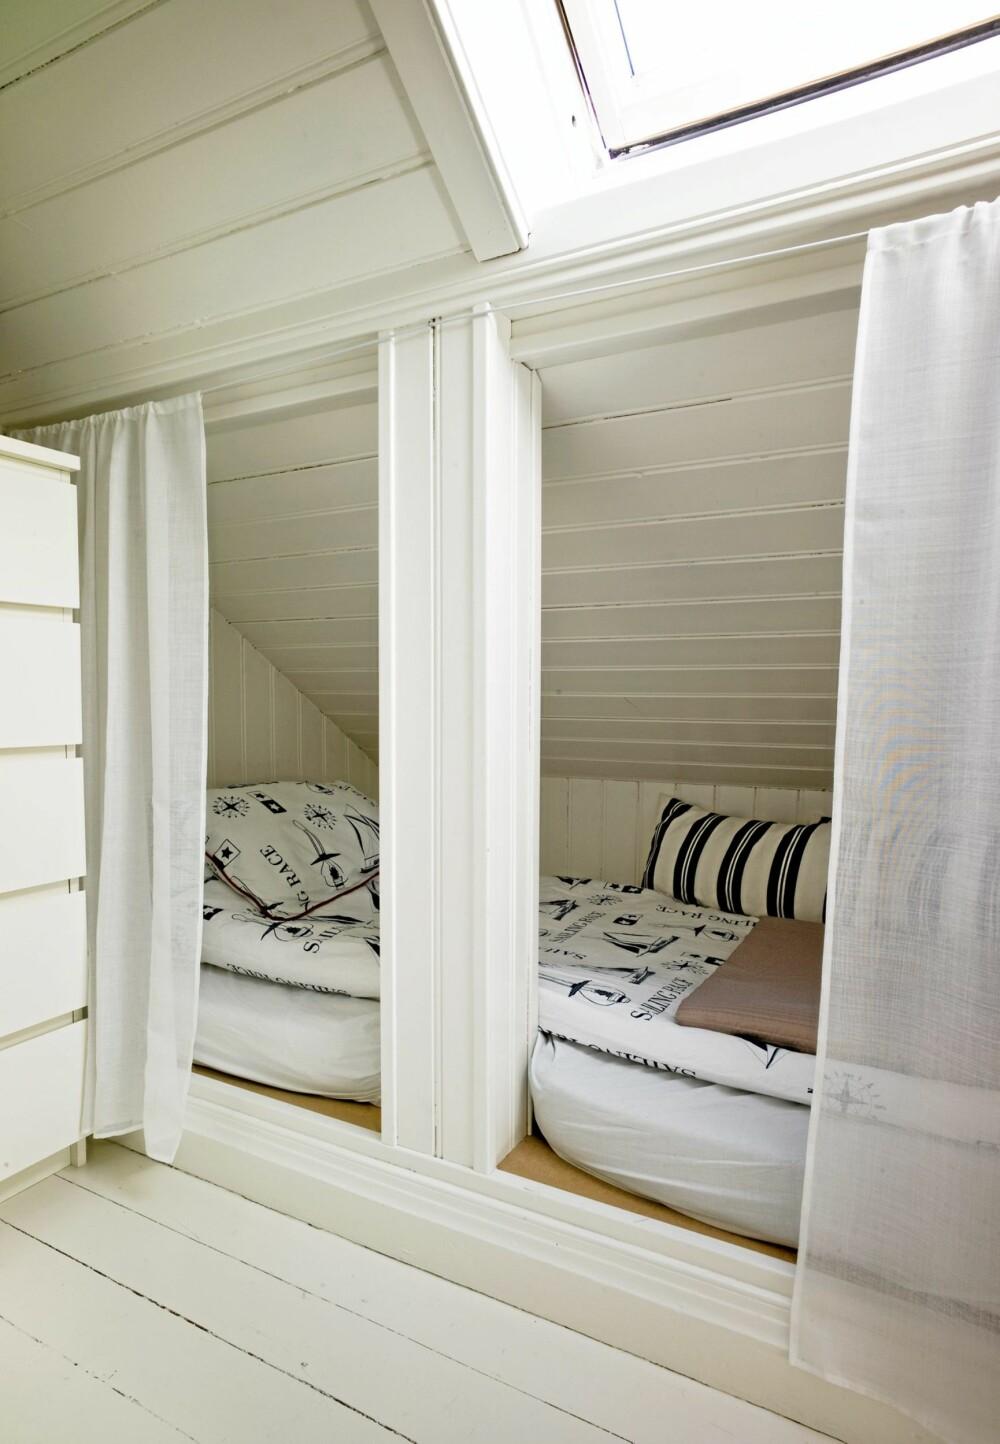 GJESTFRITT: Hver krok og krik i det gamle huset er utnyttet. Kneveggene på loftet er brukt til gjesteplass og garderober.